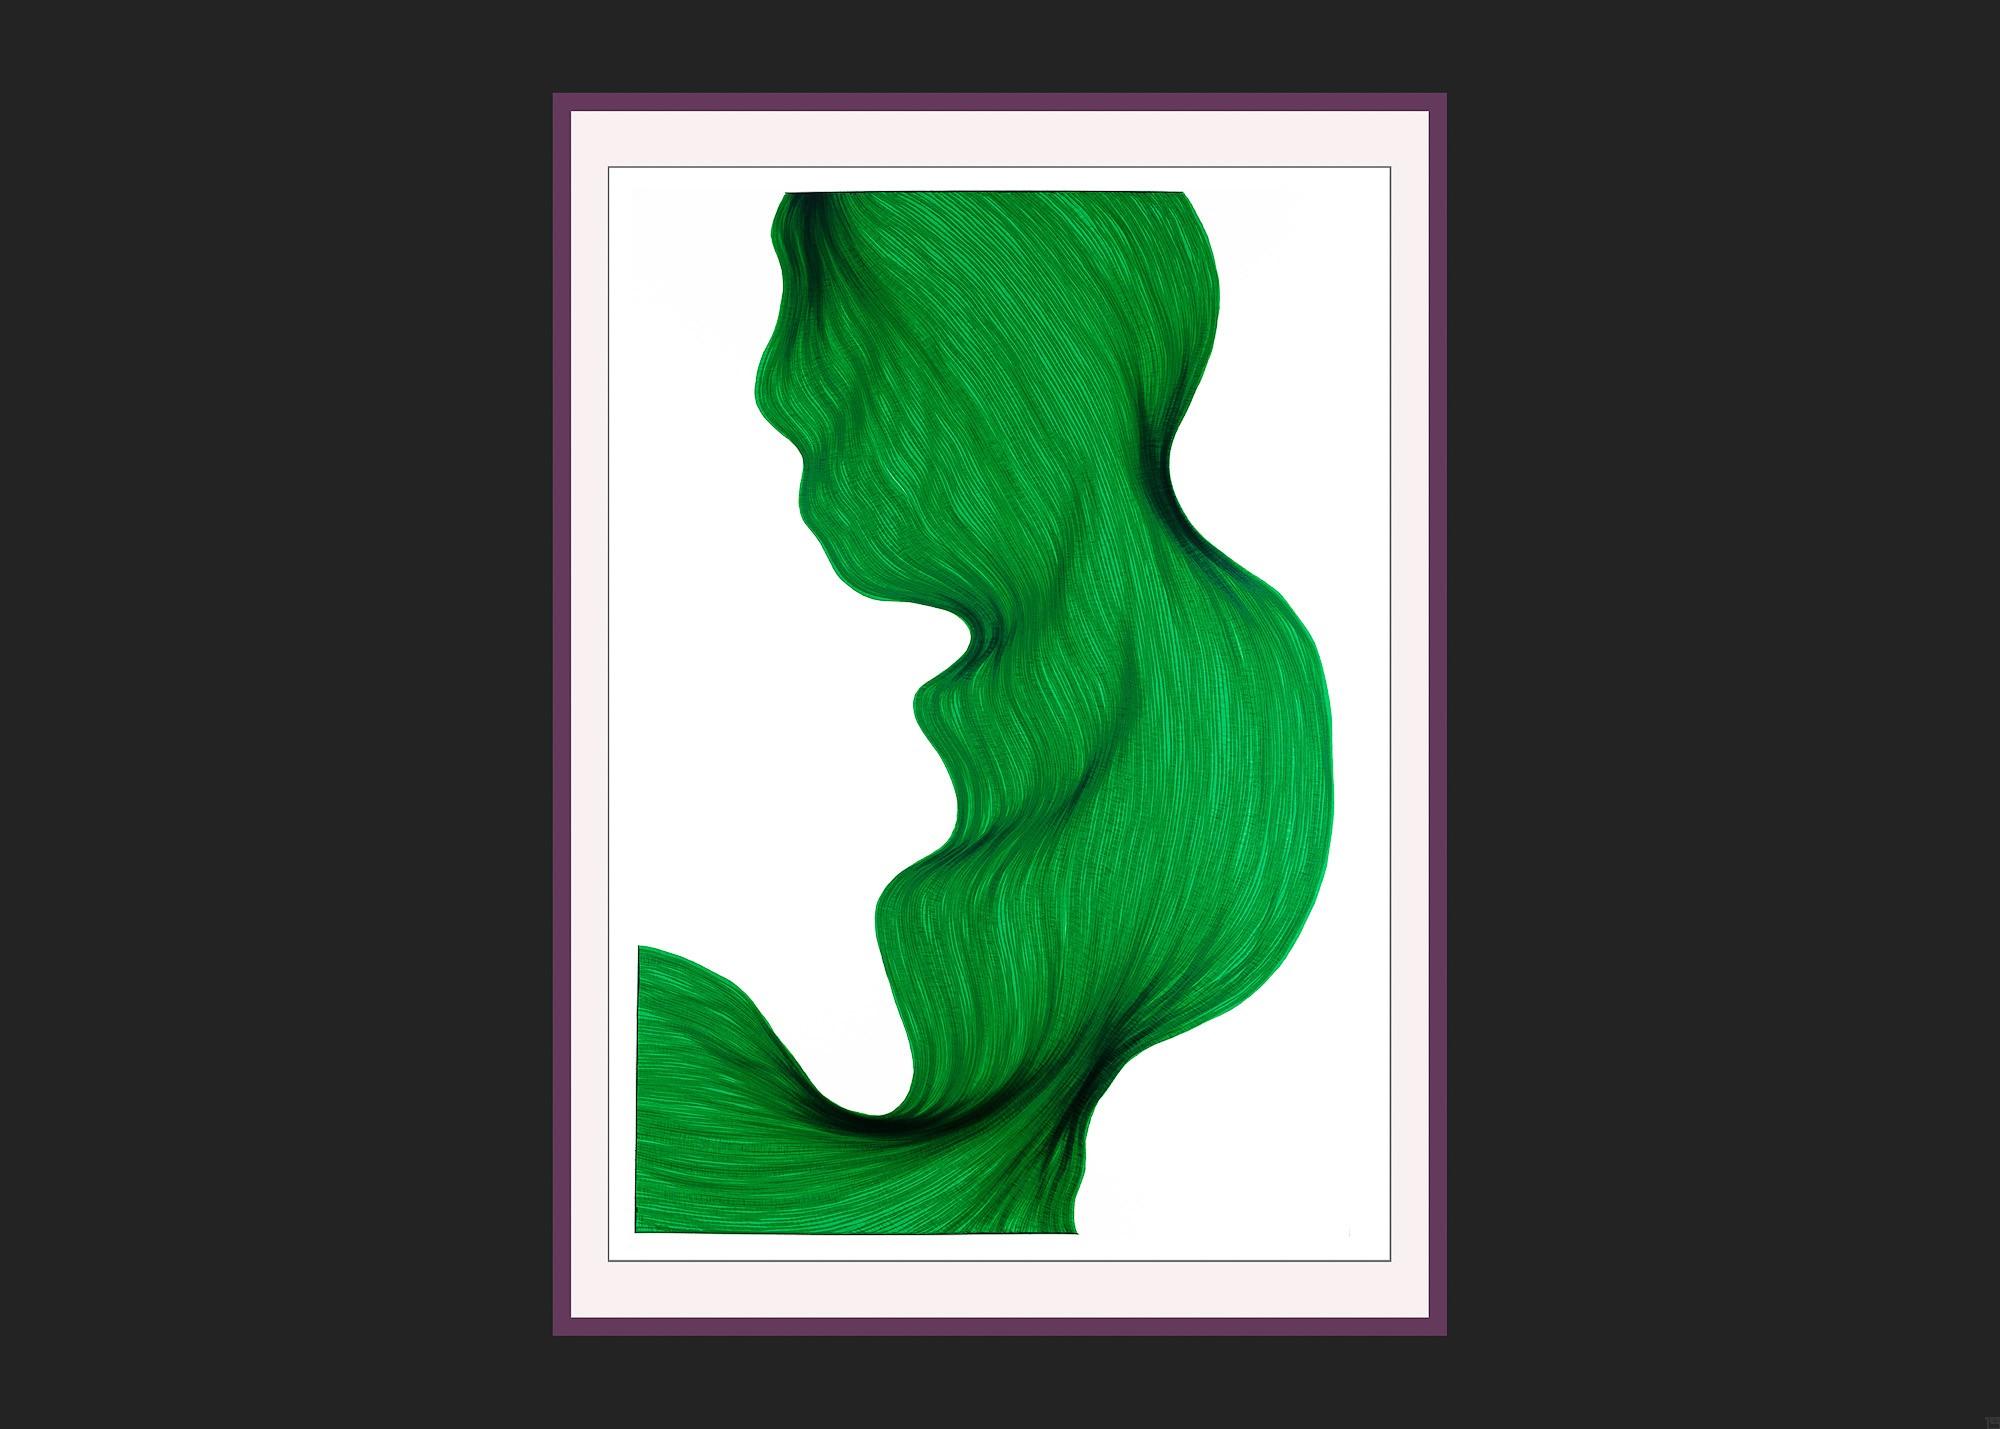 Vert Malin | Lali Torma | Zeichnung | Kalligraphie Tinte auf Papier - gerahmt